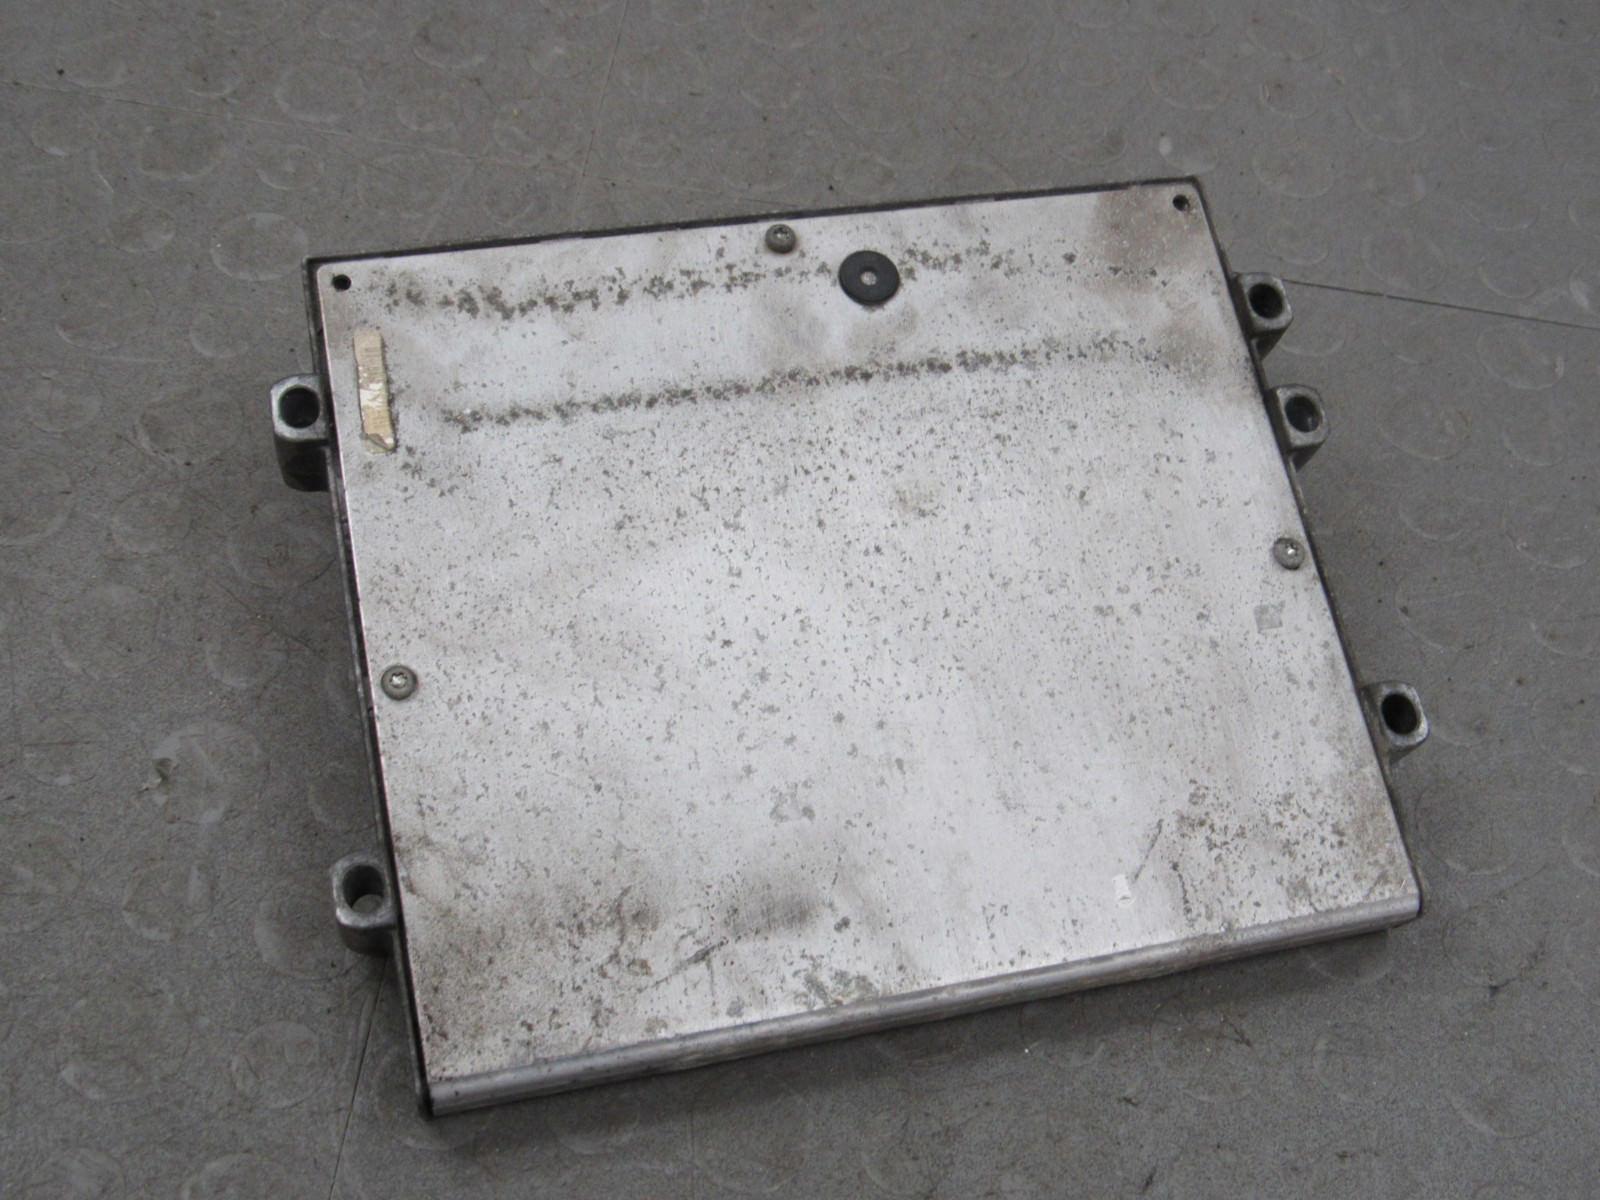 05 Ford F 150 54l 44 4wd Ecu Ecm Pcm Engine Control Computer 5l3a Parts Diagram 5 4l V8 12a650 Atf J